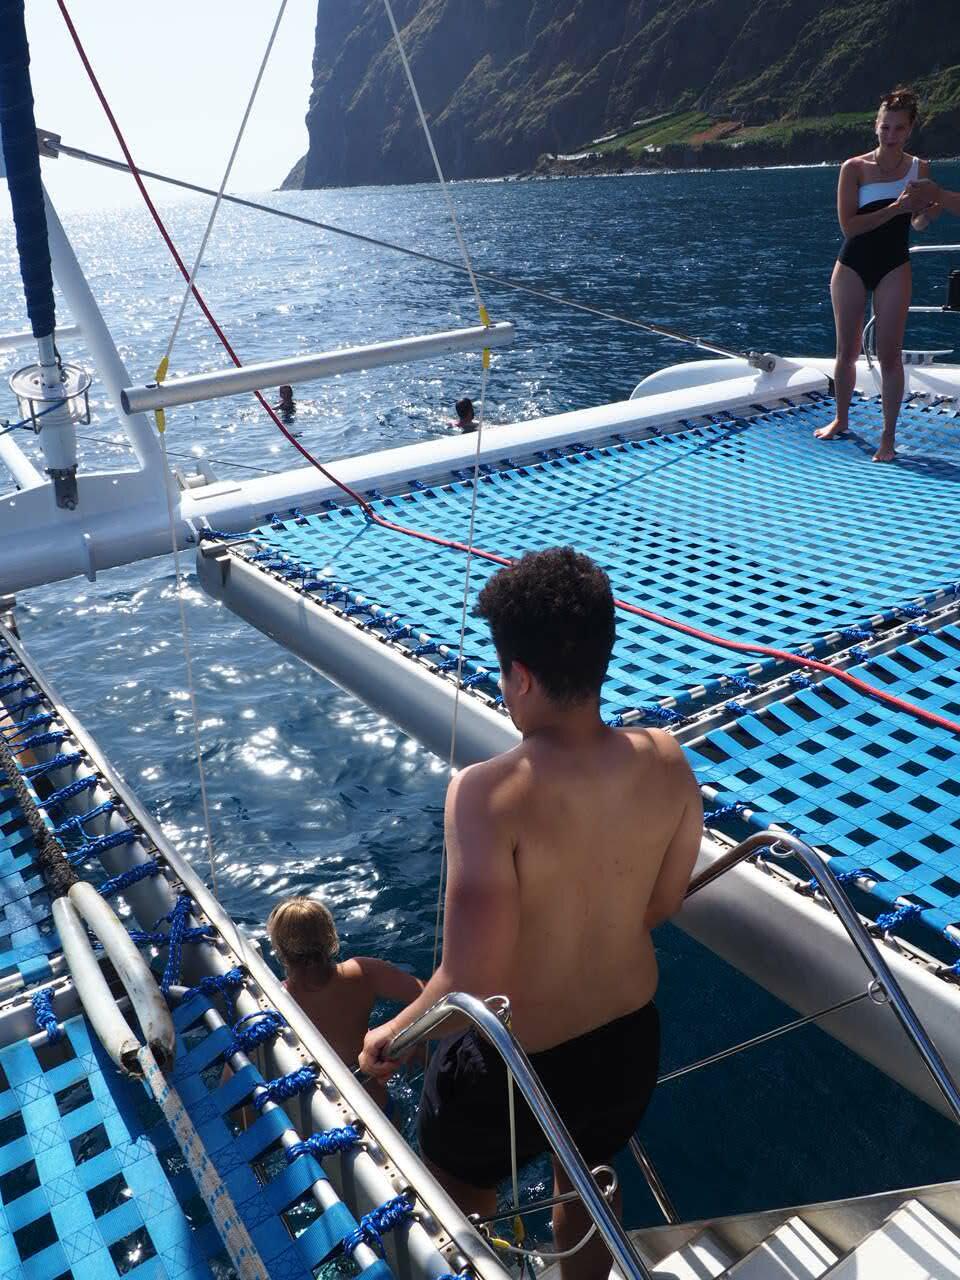 dauphins-madere-tour-en-catamaran-que-faire-blog-voyage-clioandco-se-baigner-en-voyant-les-dauphins-rotated